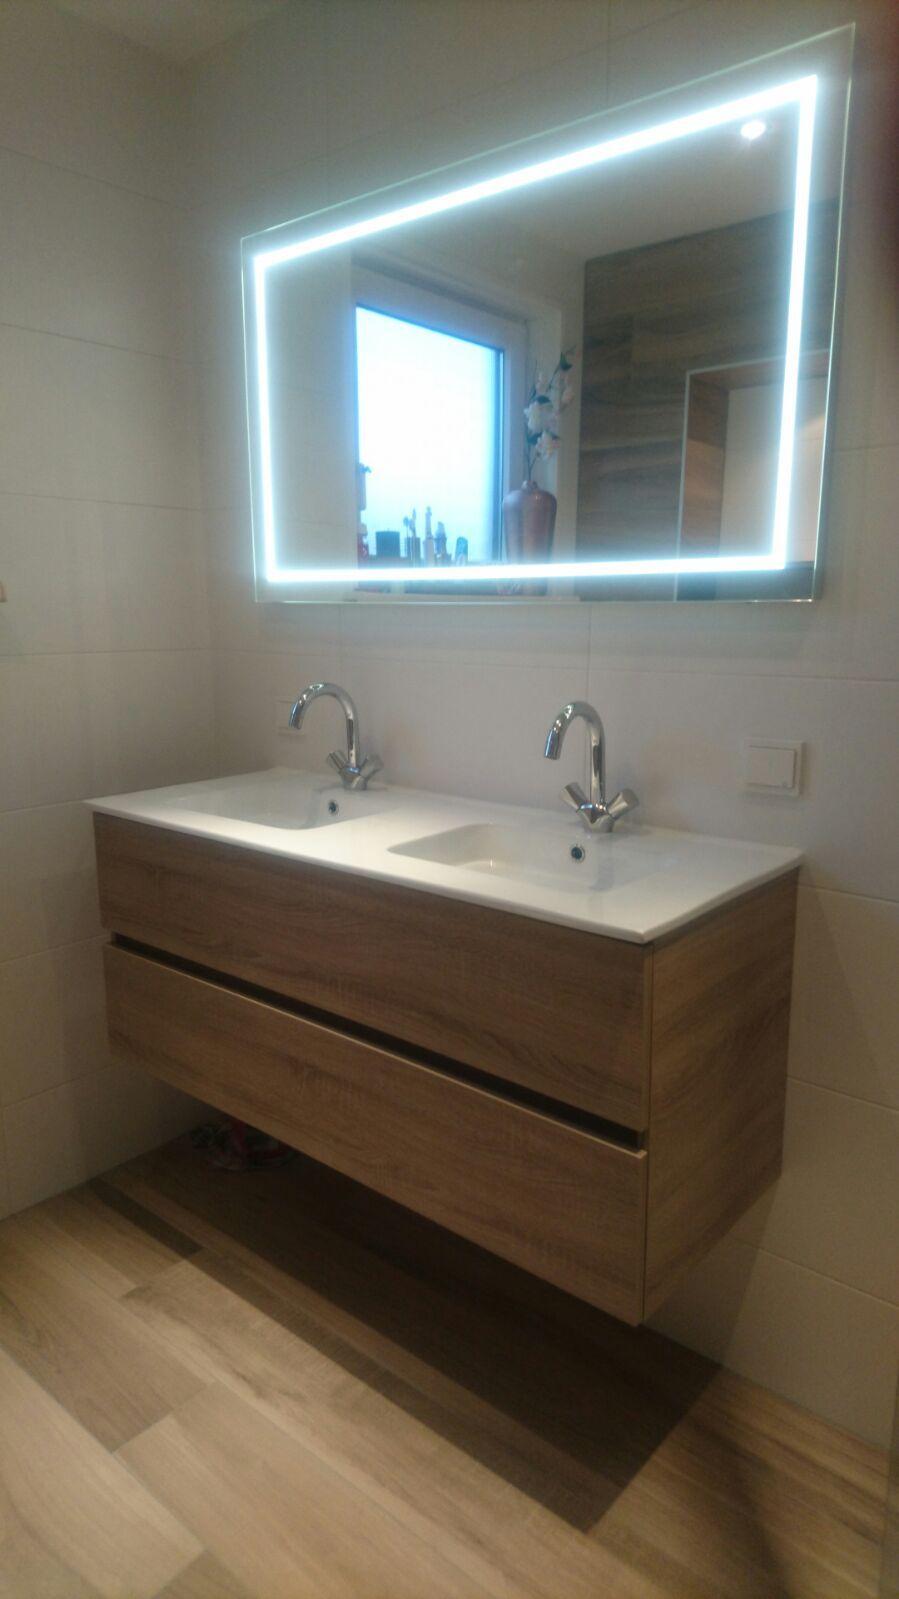 modern badkamer meubel in hout kleur met dubbele wastafel en, Badkamer